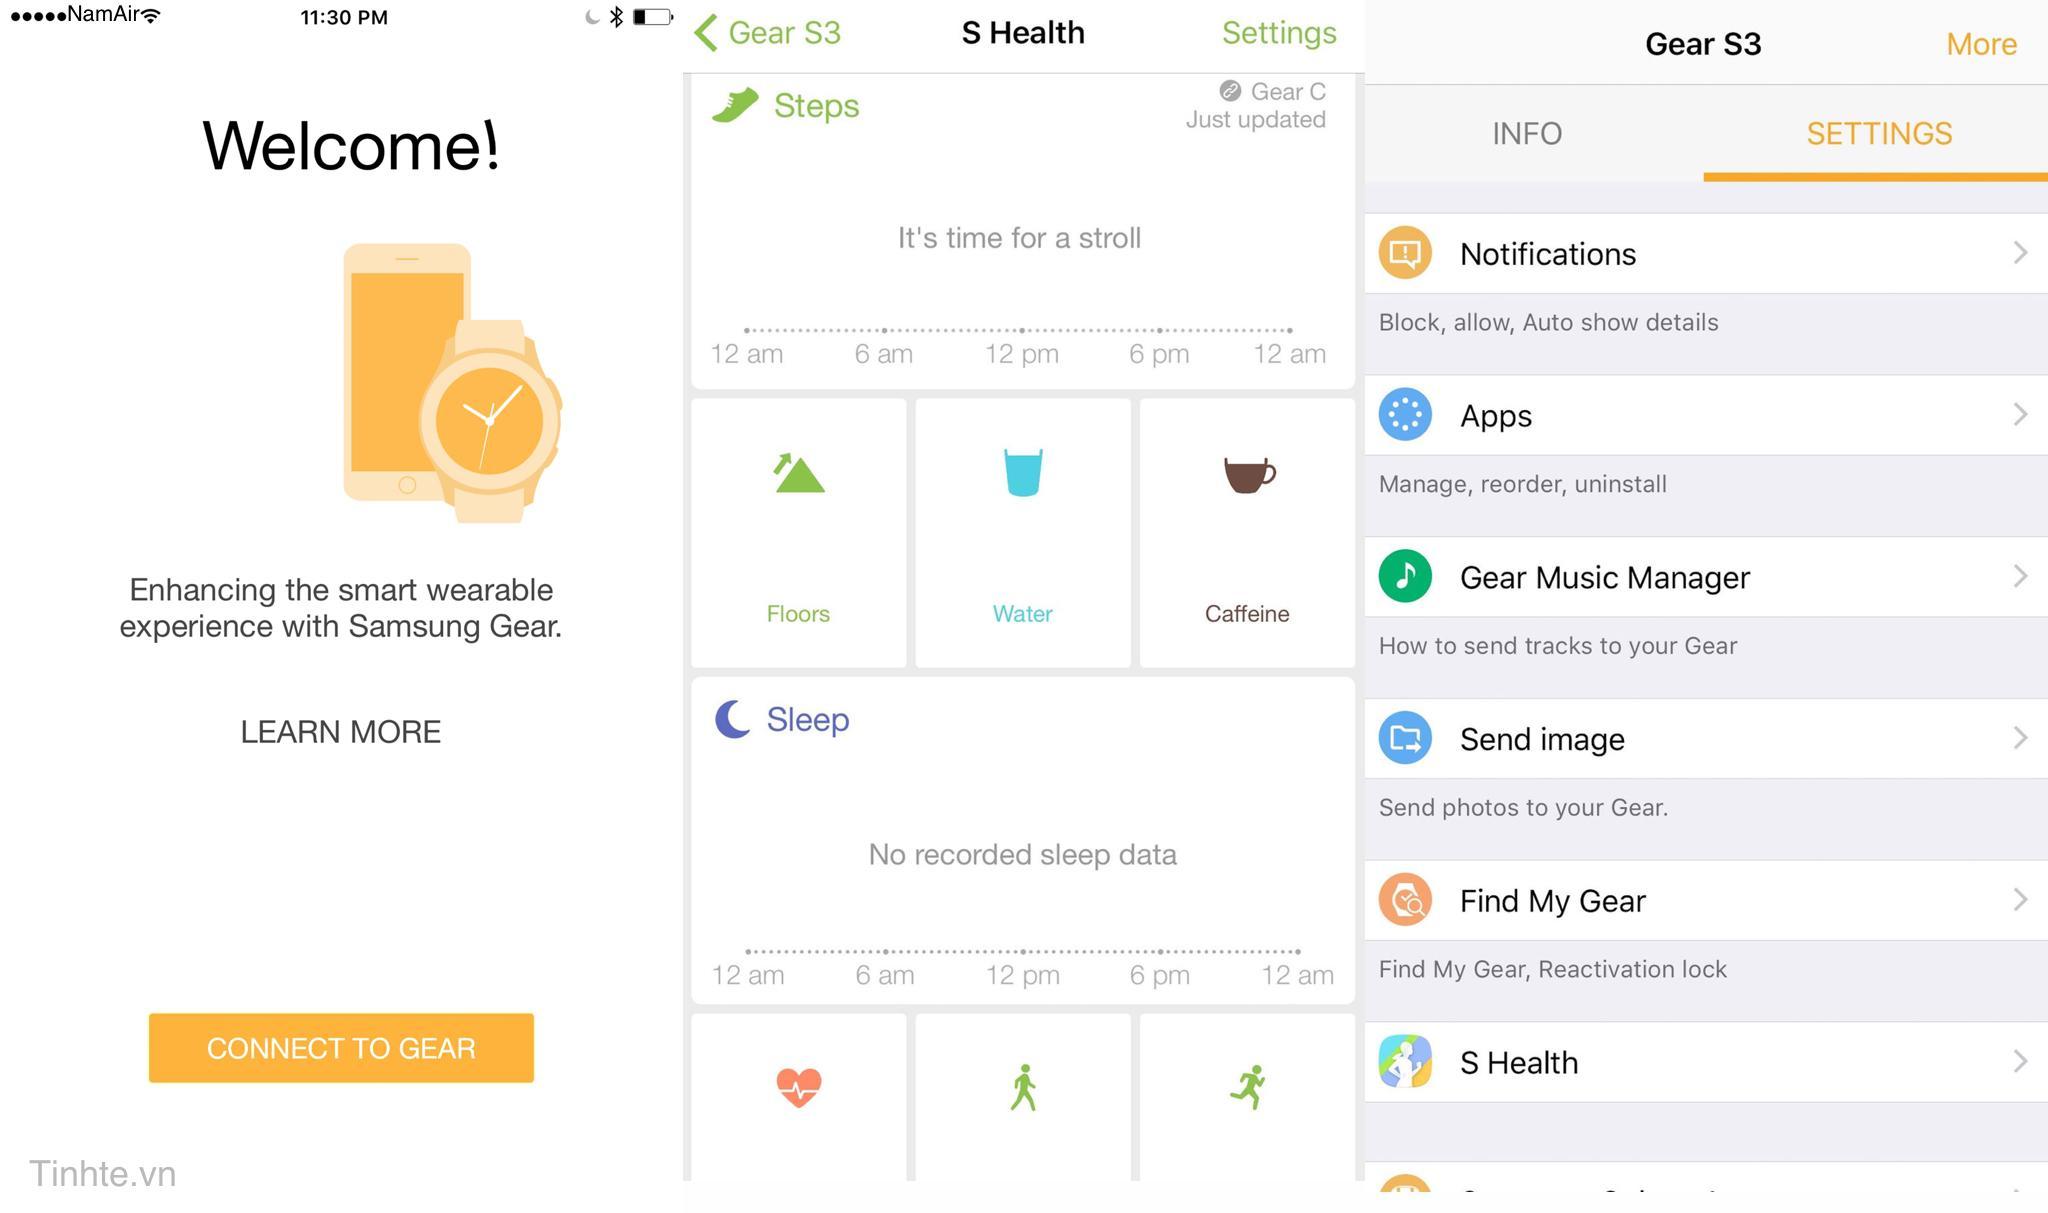 Gear S3/S2 đã có app chính thức cho iPhone